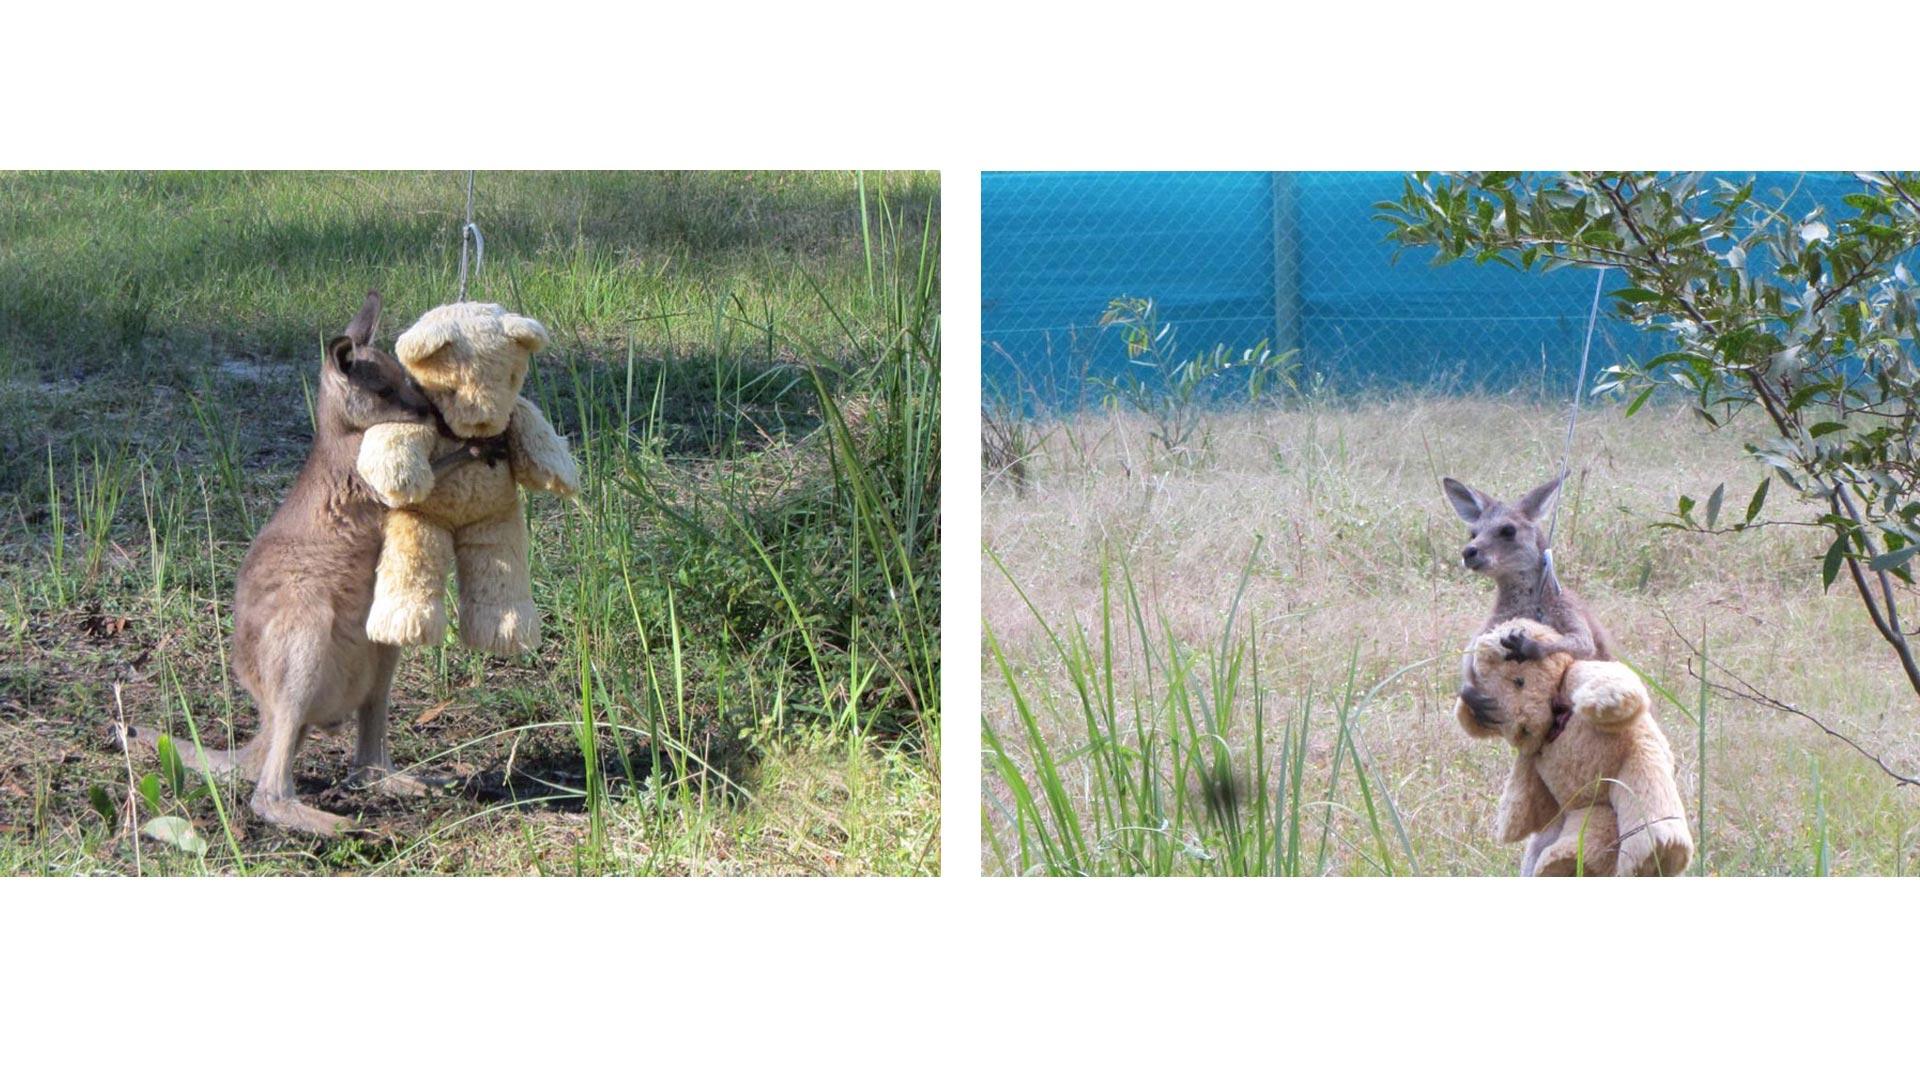 El osito se ha convertido en el mejor amigo del animal que quedó huérfano